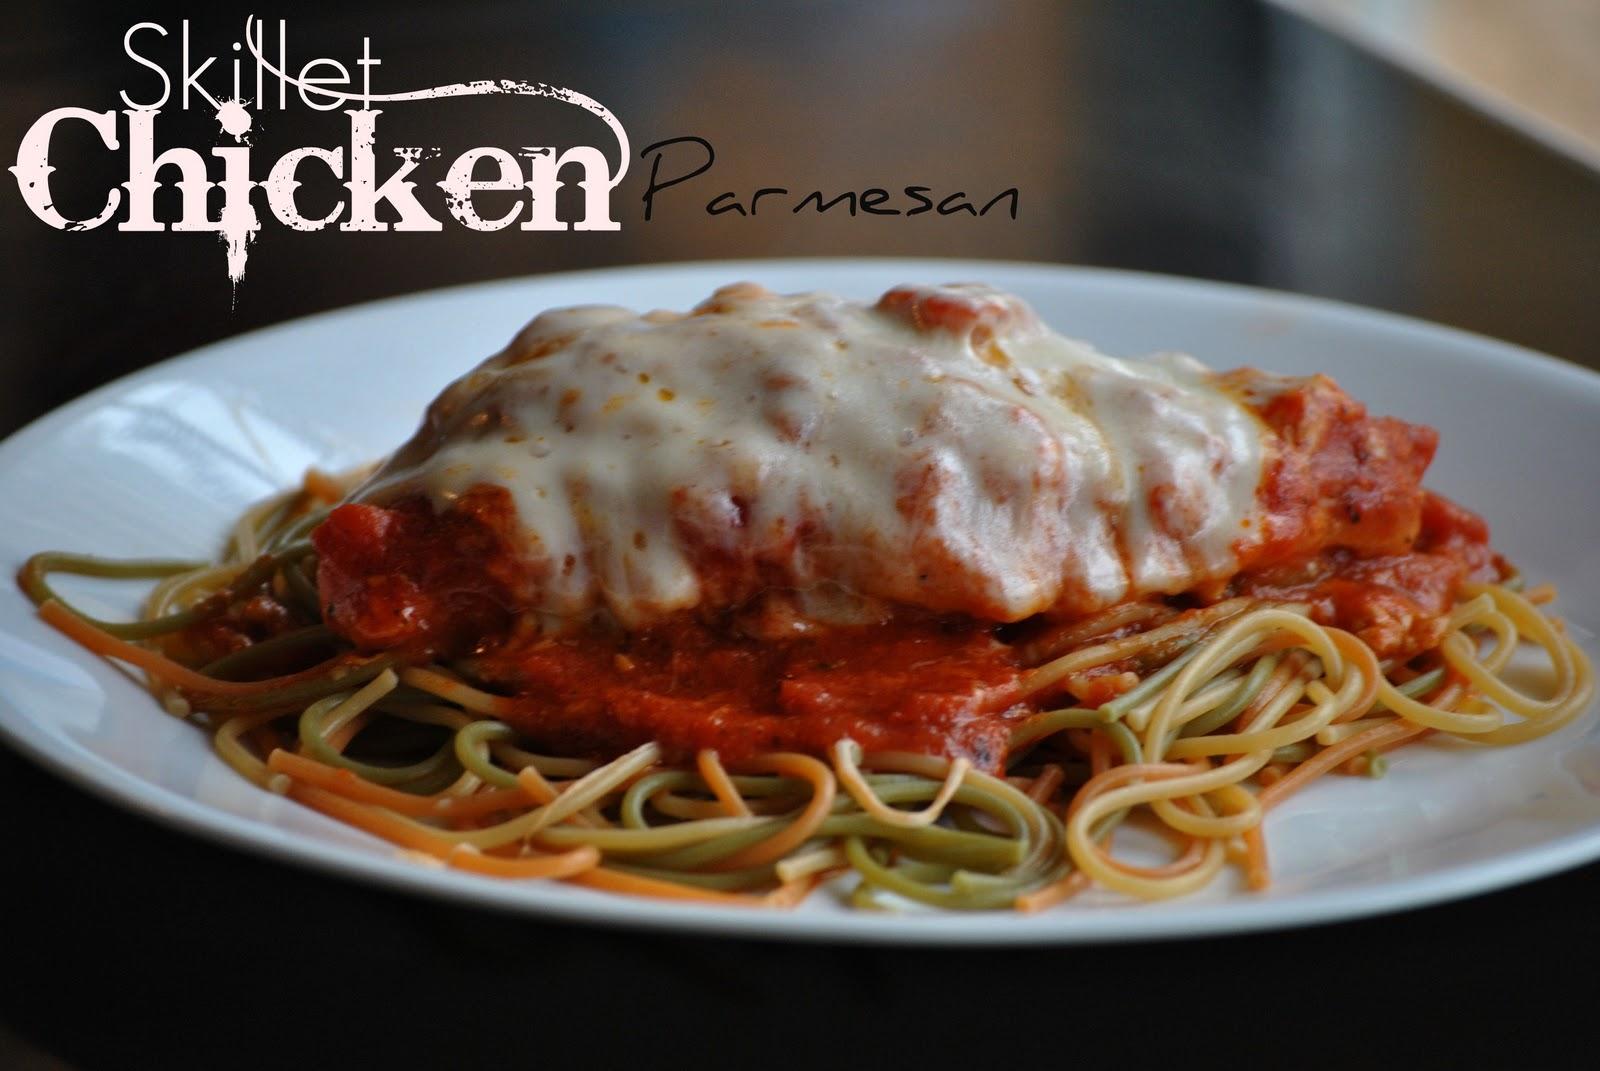 The Farm Girl Recipes: Skillet Chicken Parmesan